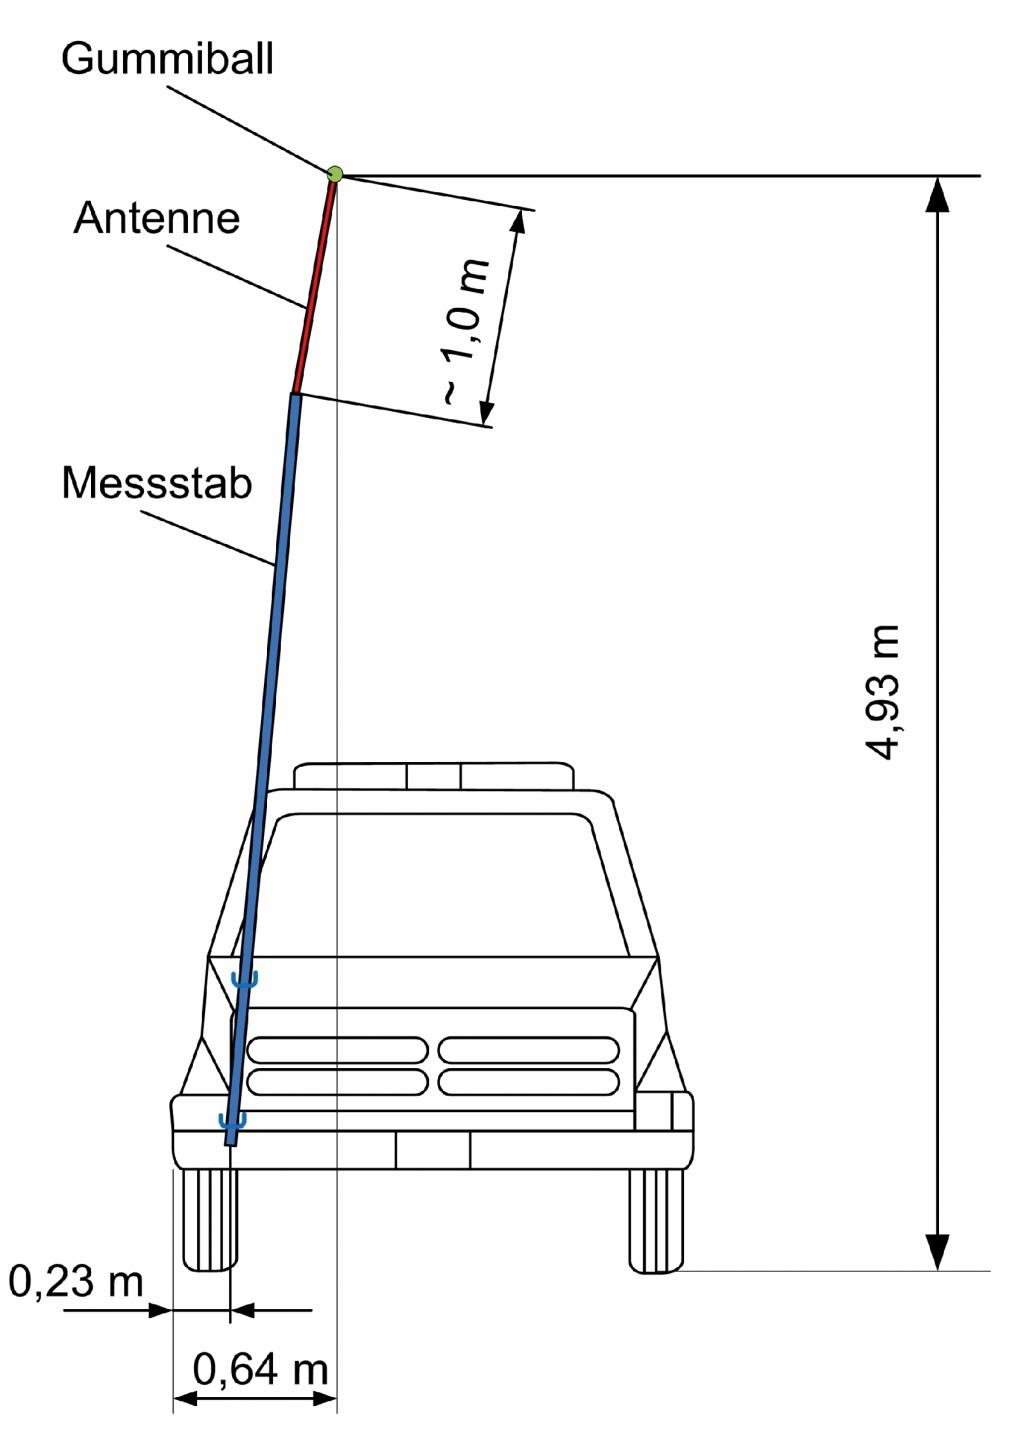 Bild 3 Escort-Fahrzeug mit Höhen-Messstange. Quelle: R. Konersmann